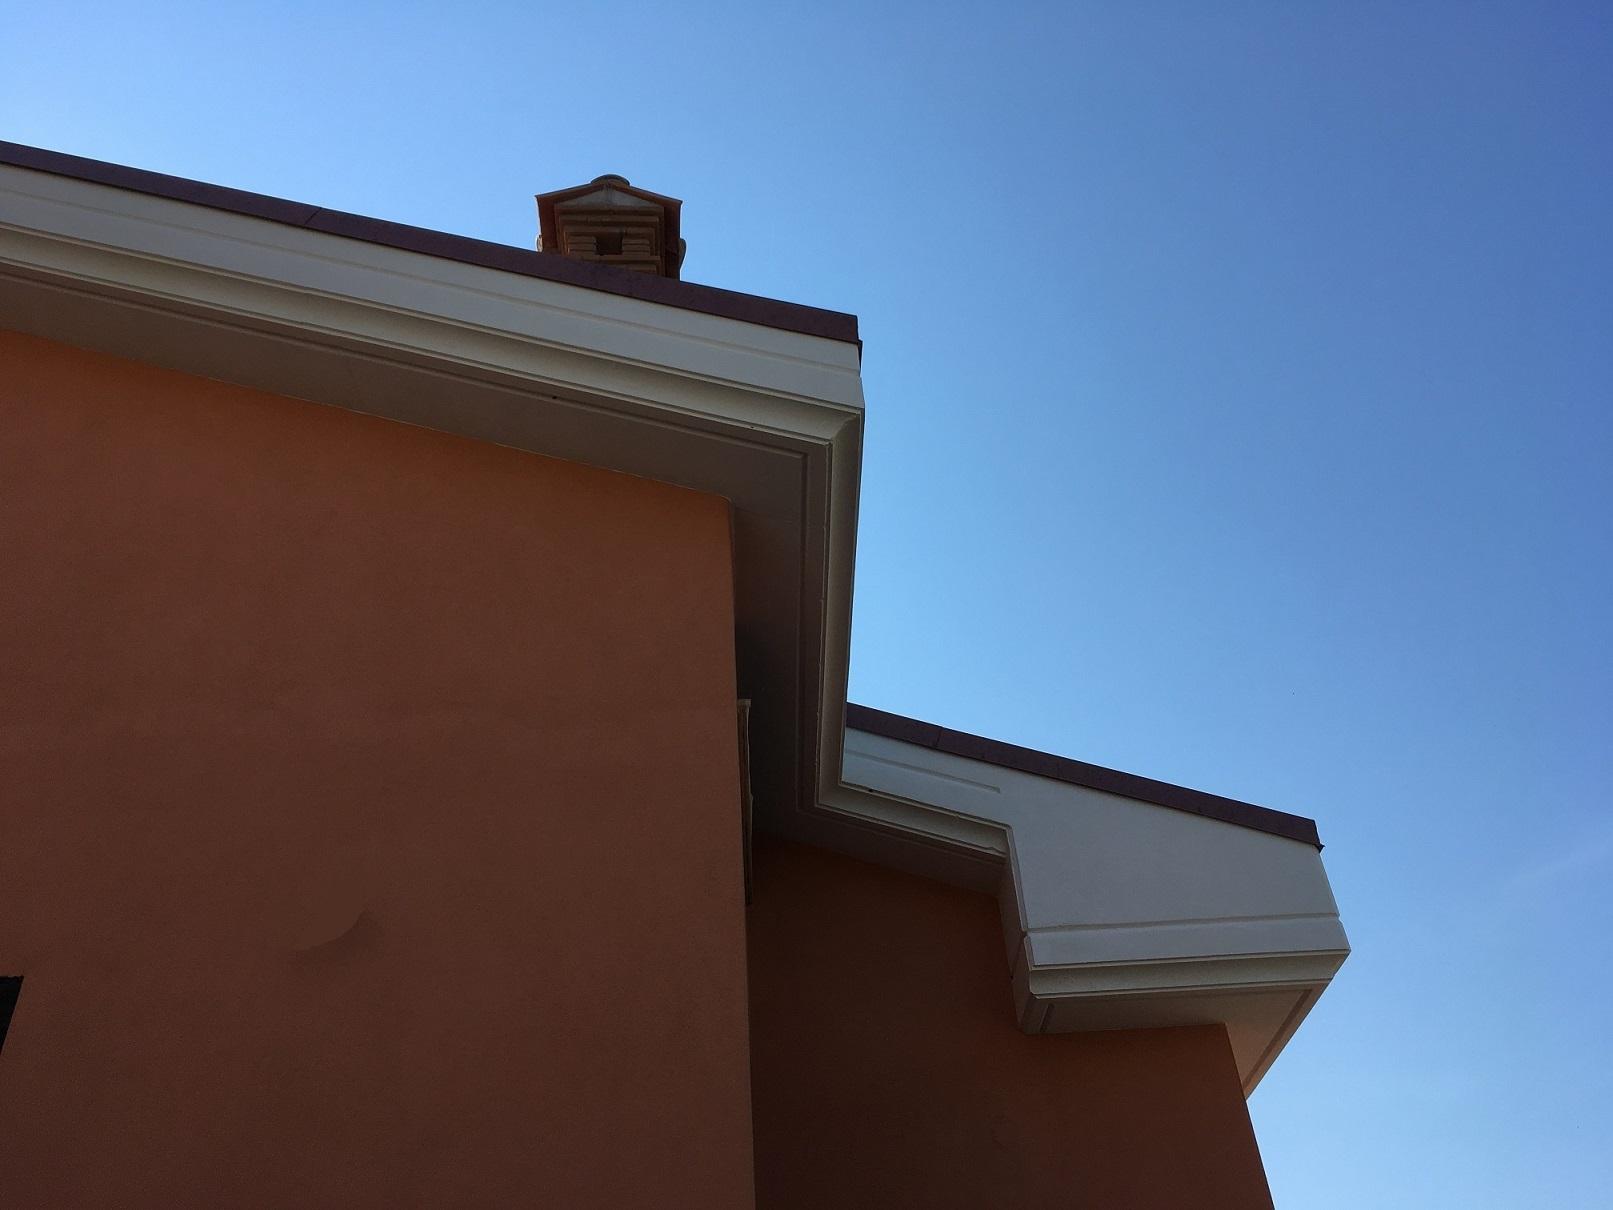 Ampliamento casa cheap ampliamento abitazione esistente - Ampliamento casa costi ...